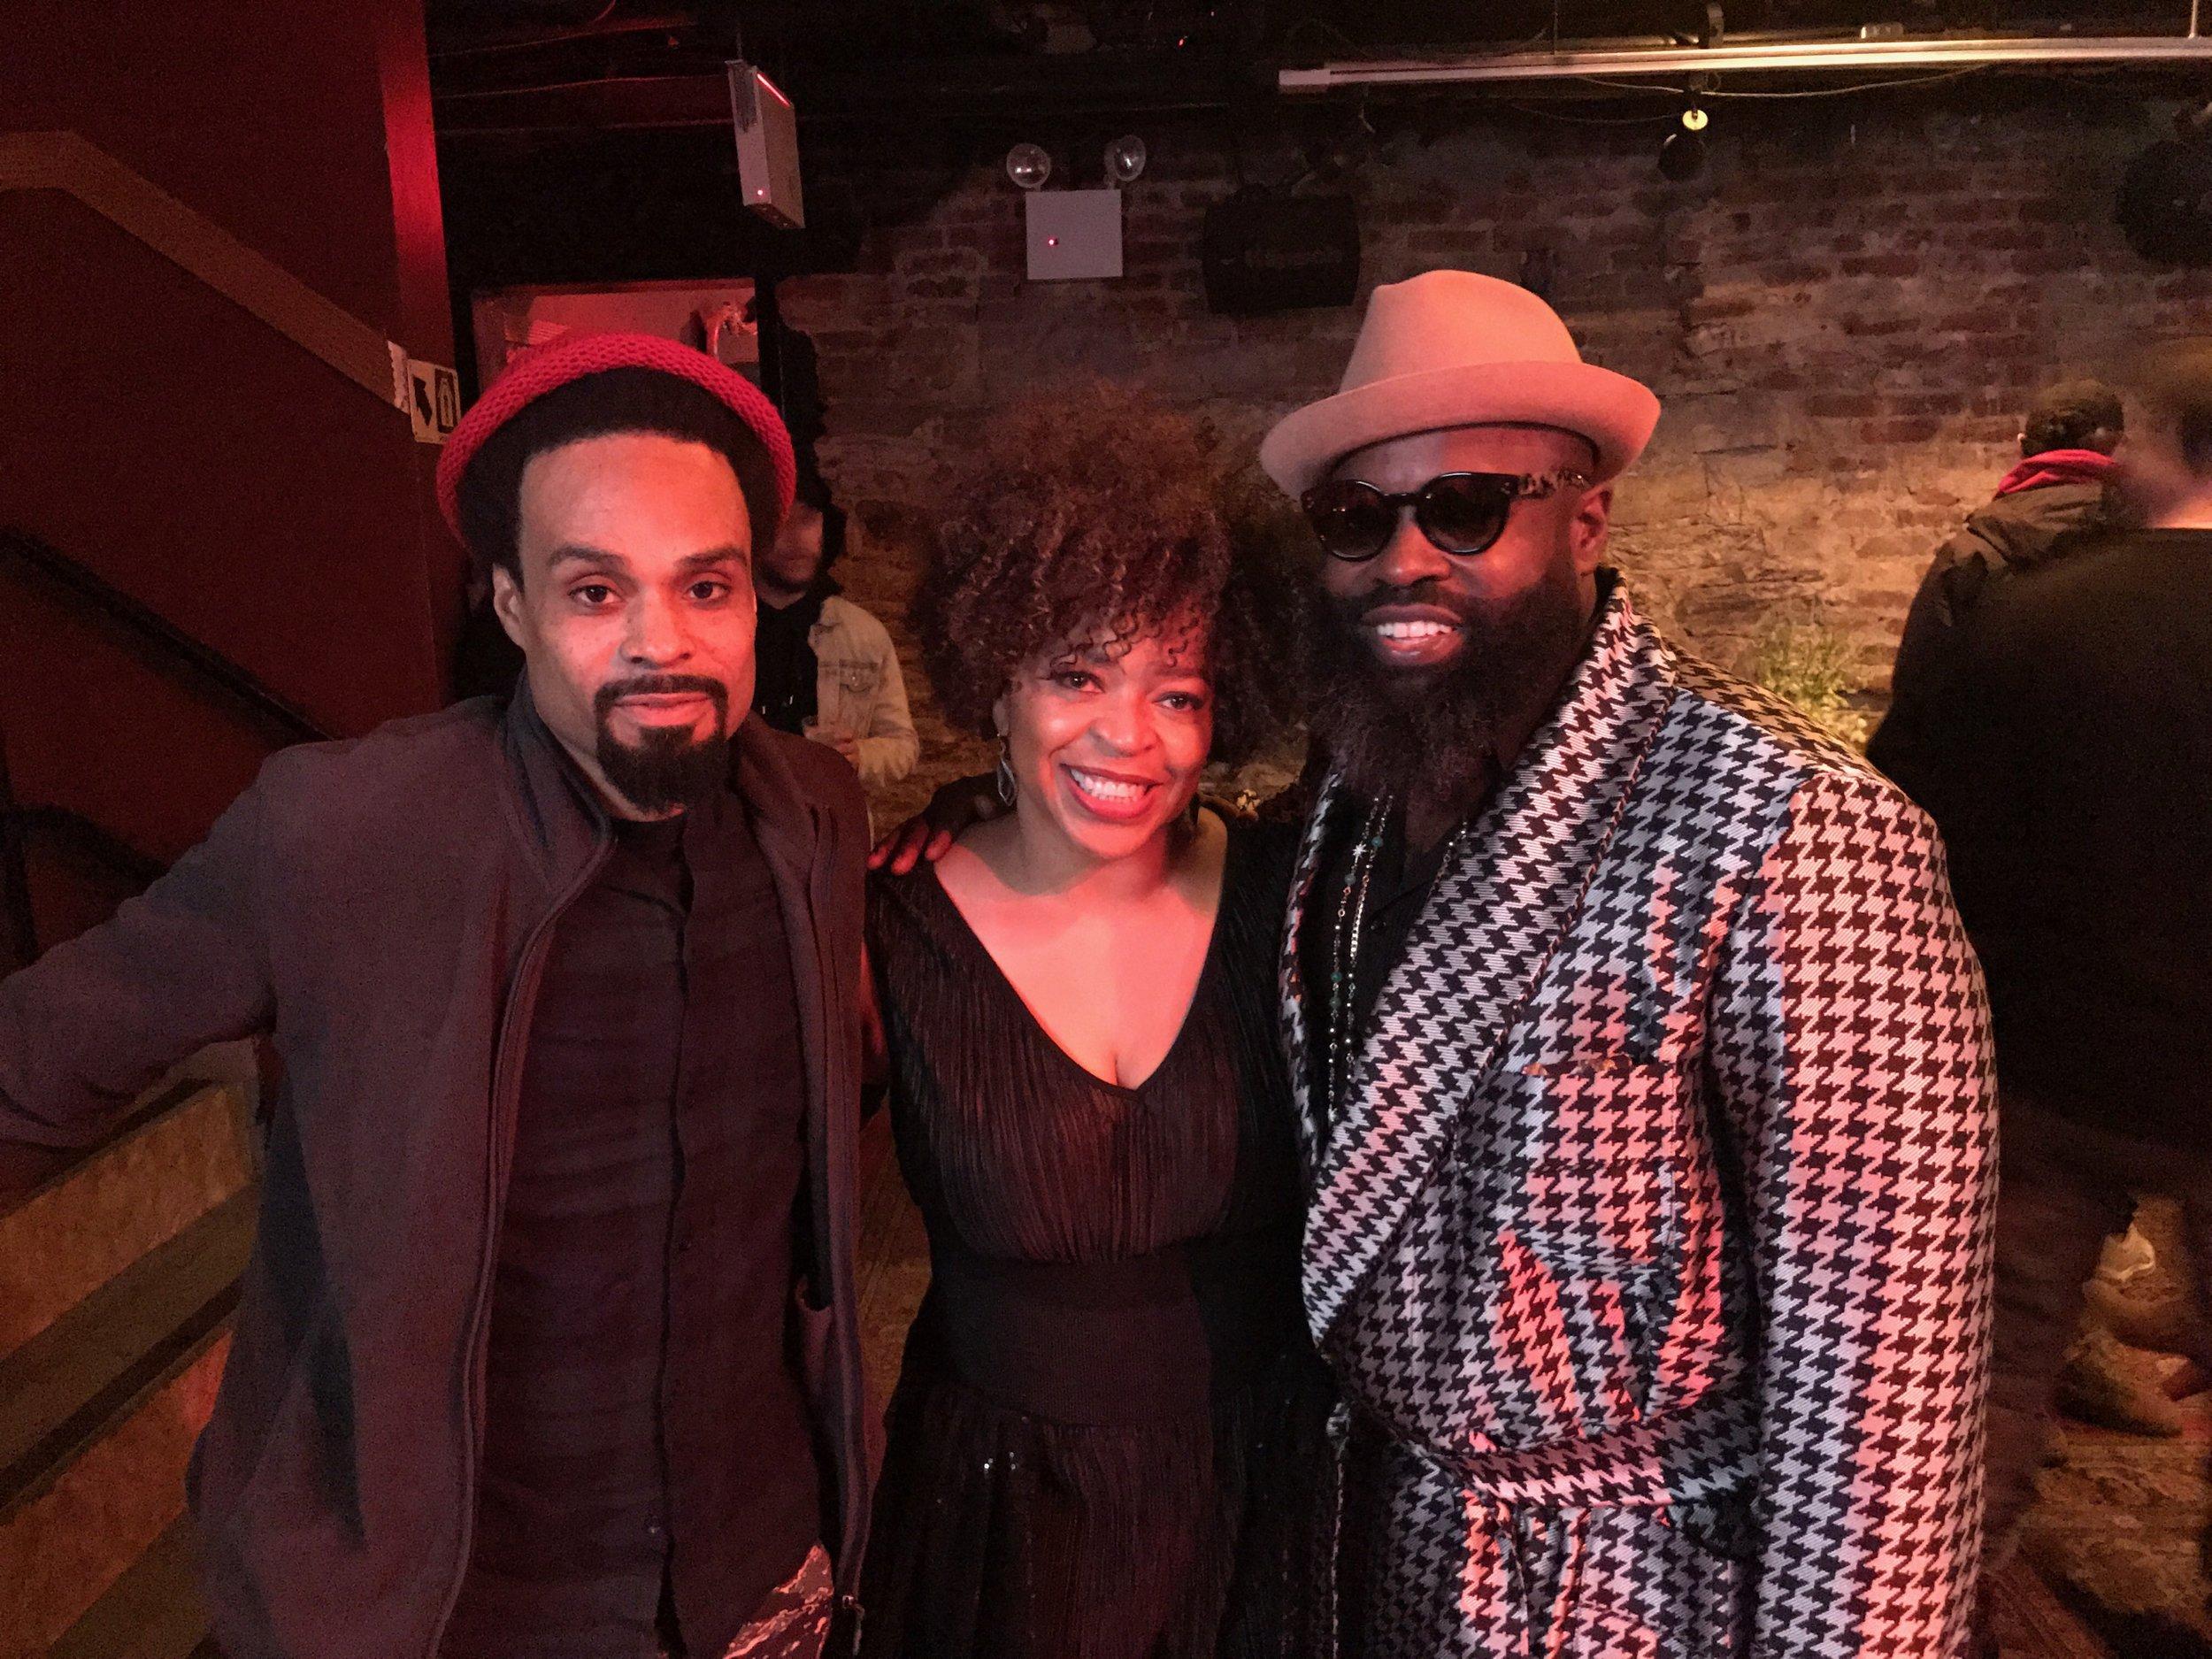 Bilal, Tawatha and Black Thought at #RootsJamSessions2018